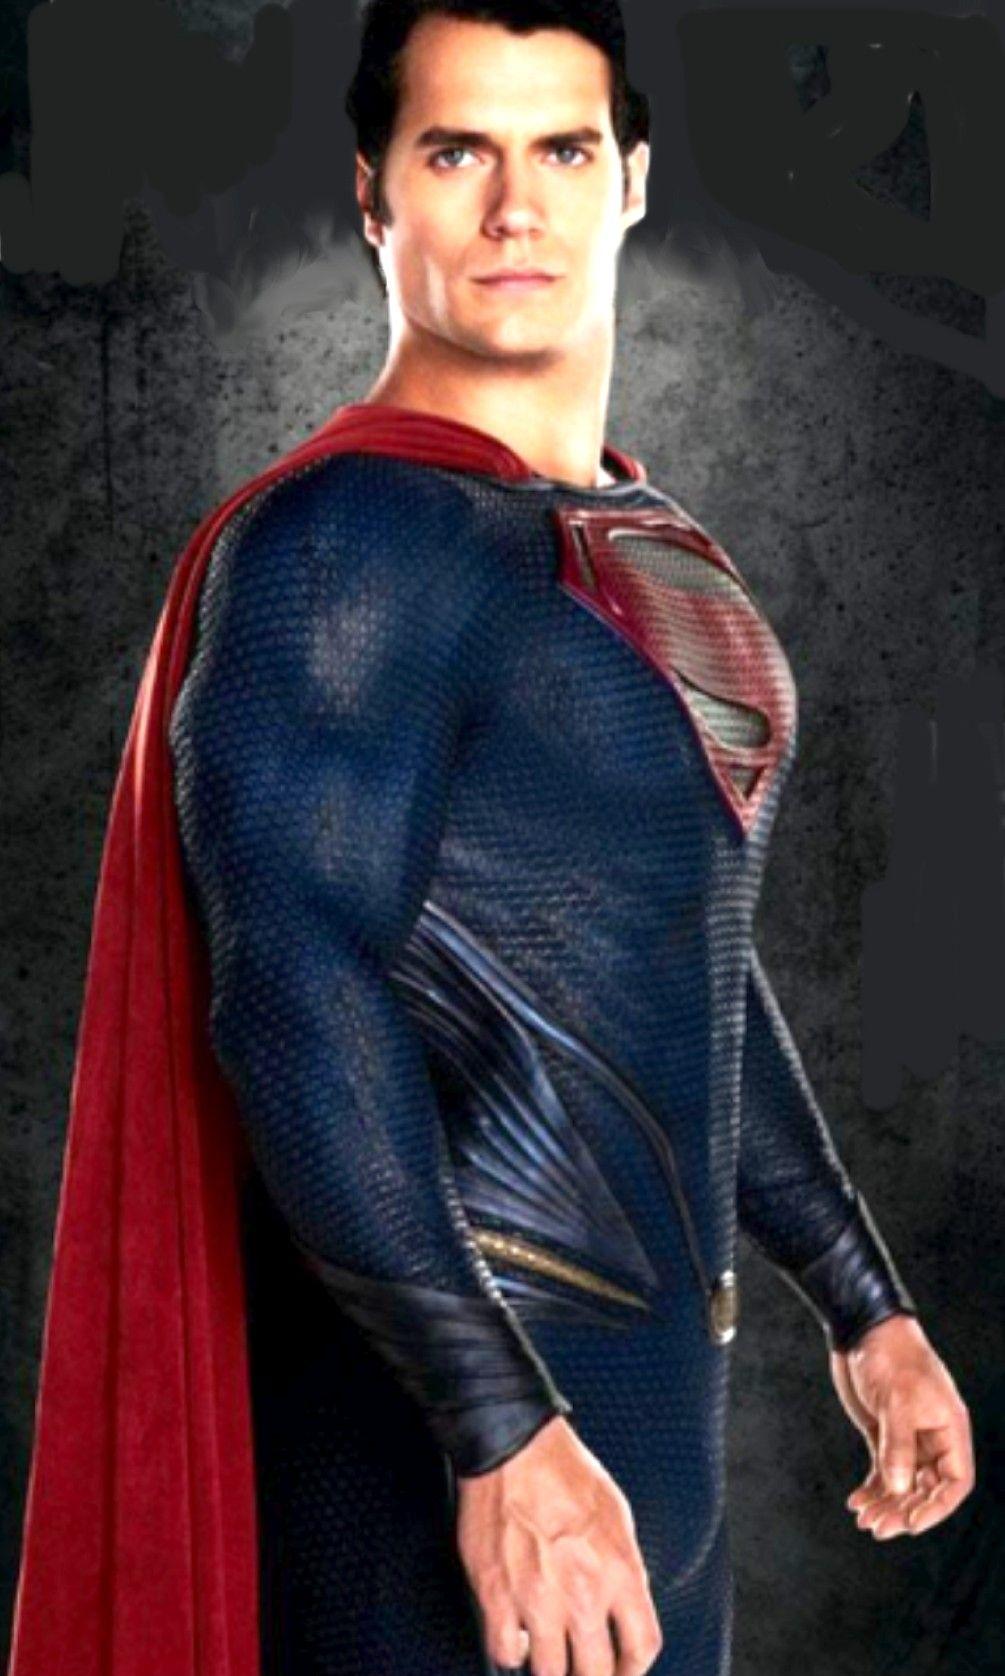 Henry Cavill Man of Steel 2013 Superman, Superman